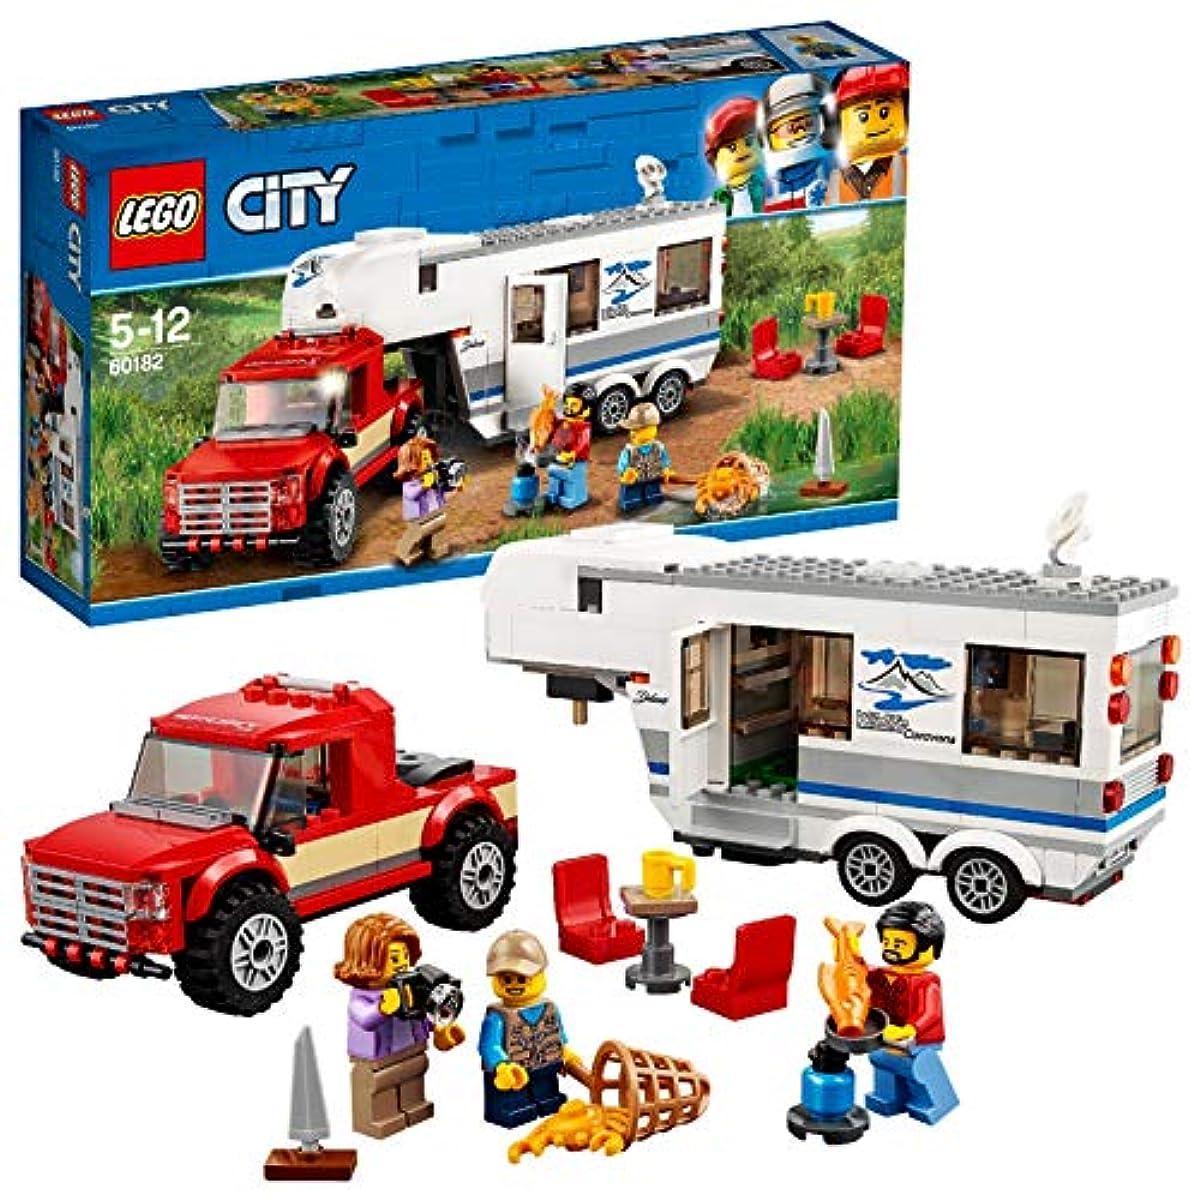 [해외] 레고 시티 픽업트럭과 캐러밴 60182